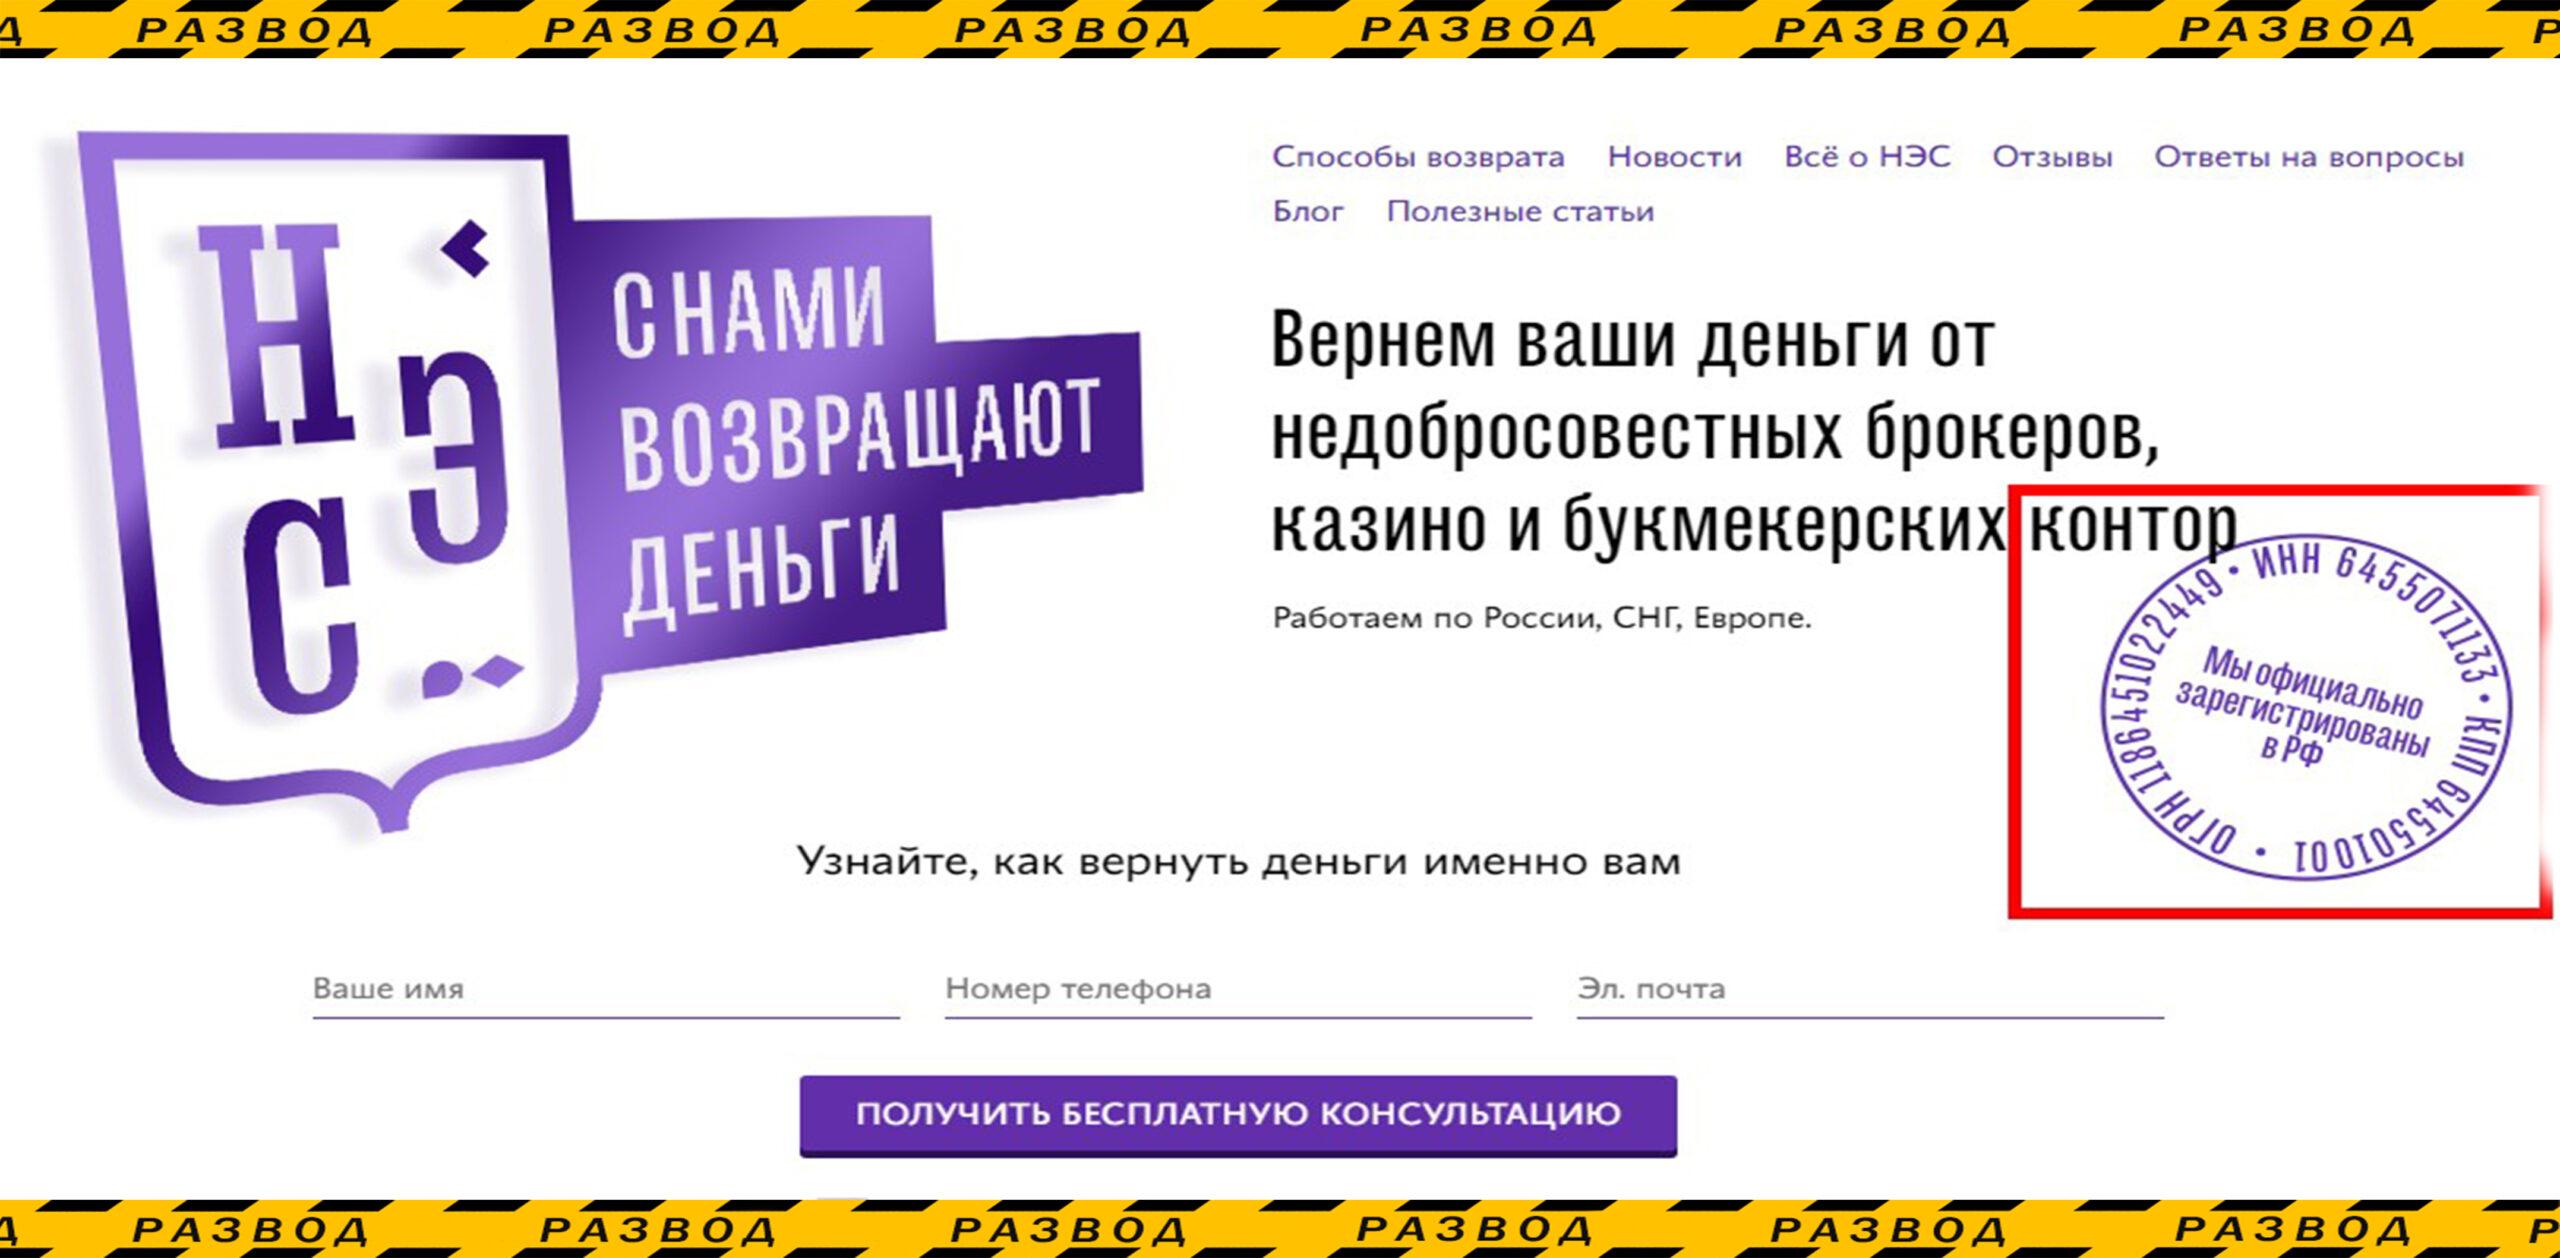 Логотип компании НЭС и печать о регистрации в РФ